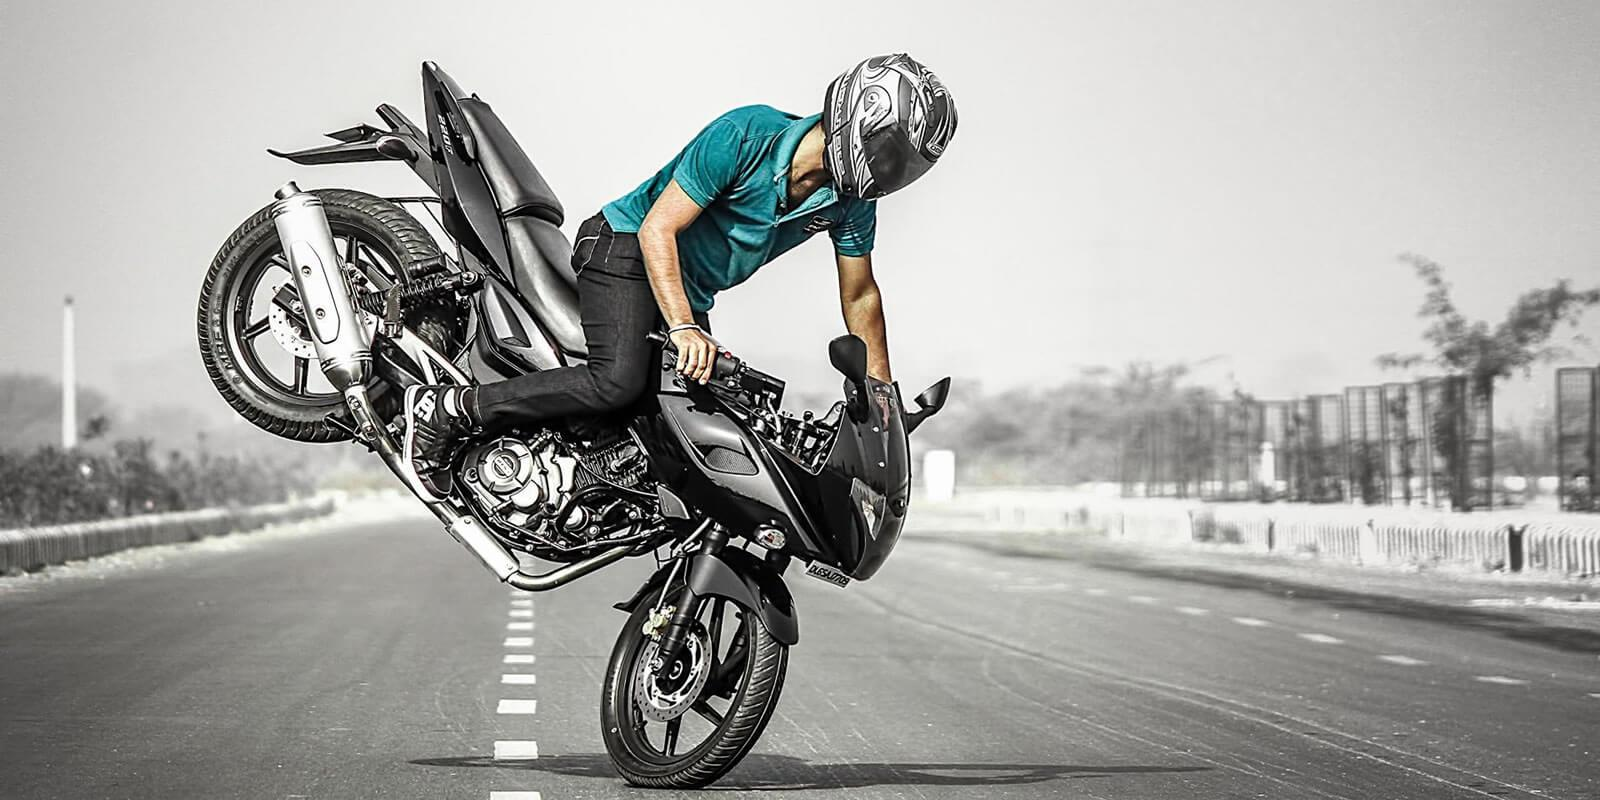 Dez infrações de moto que fazem você perder a carteira